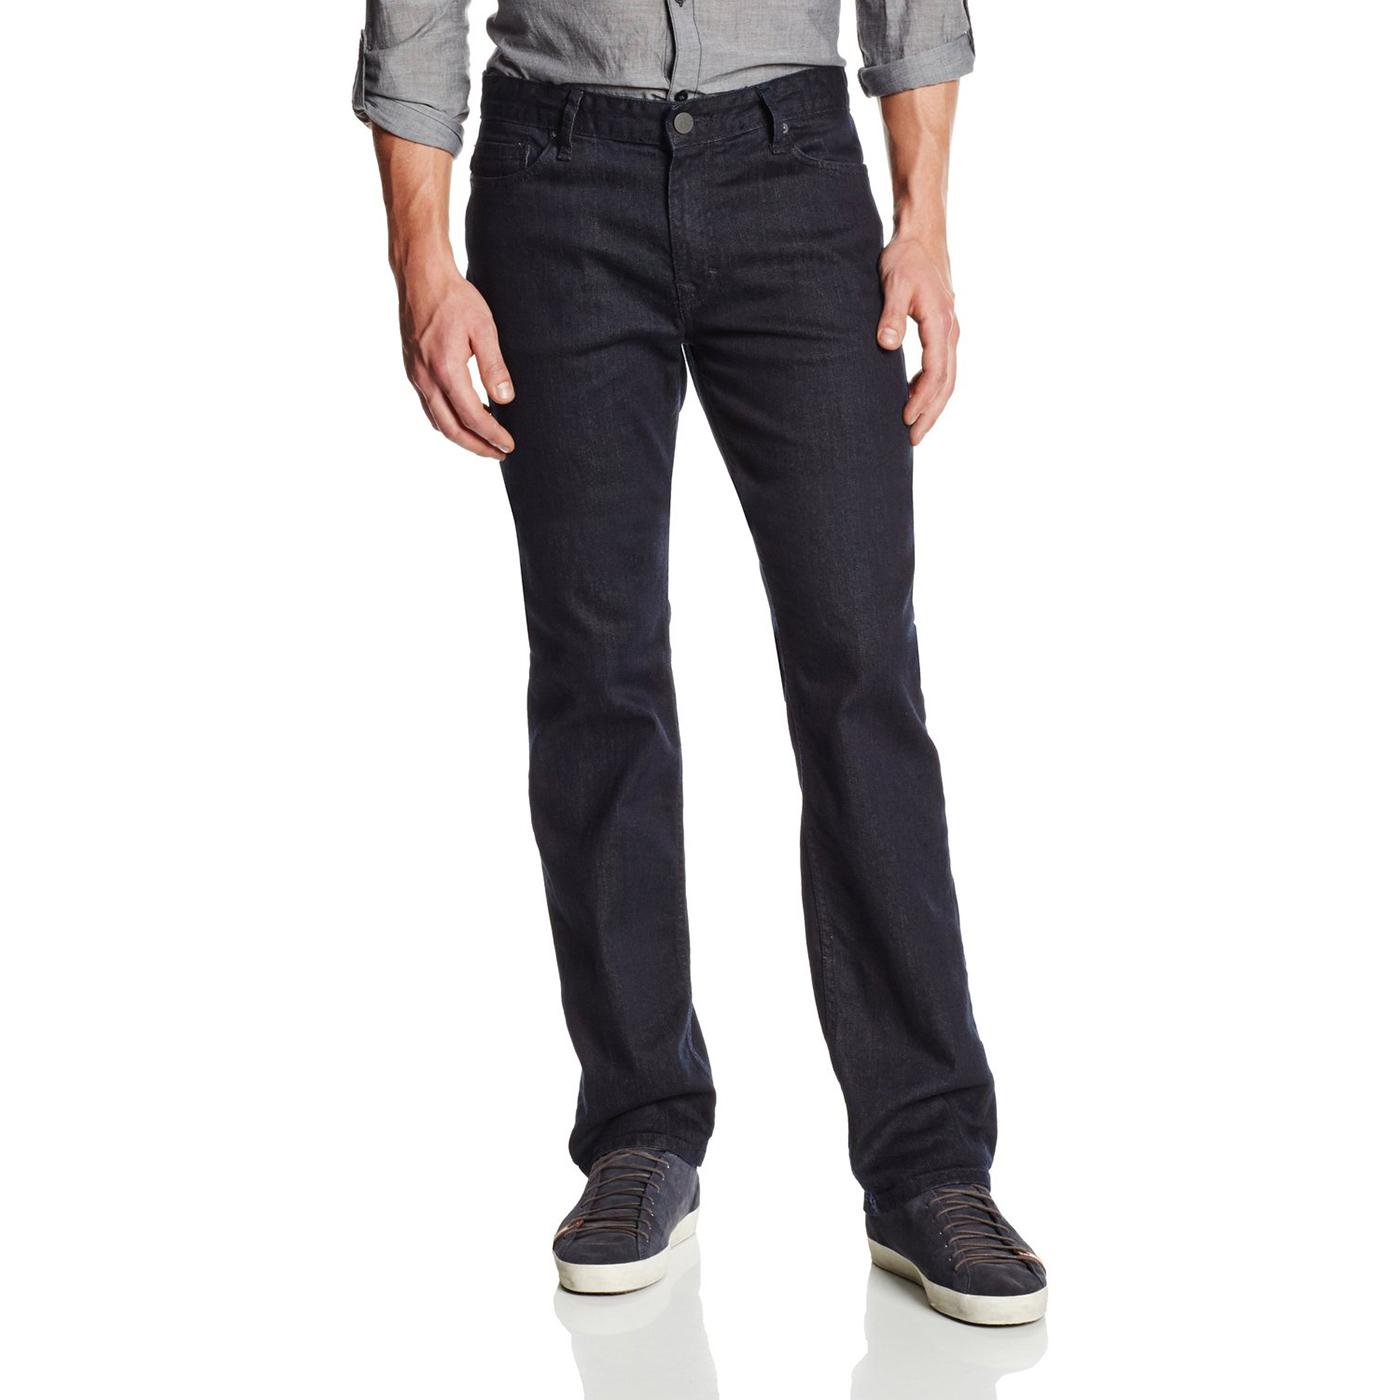 美國百分百【Calvin Klein】牛仔褲 CK 休閒褲 長褲 單寧 小直筒 修身 男 深藍色 30腰 F653